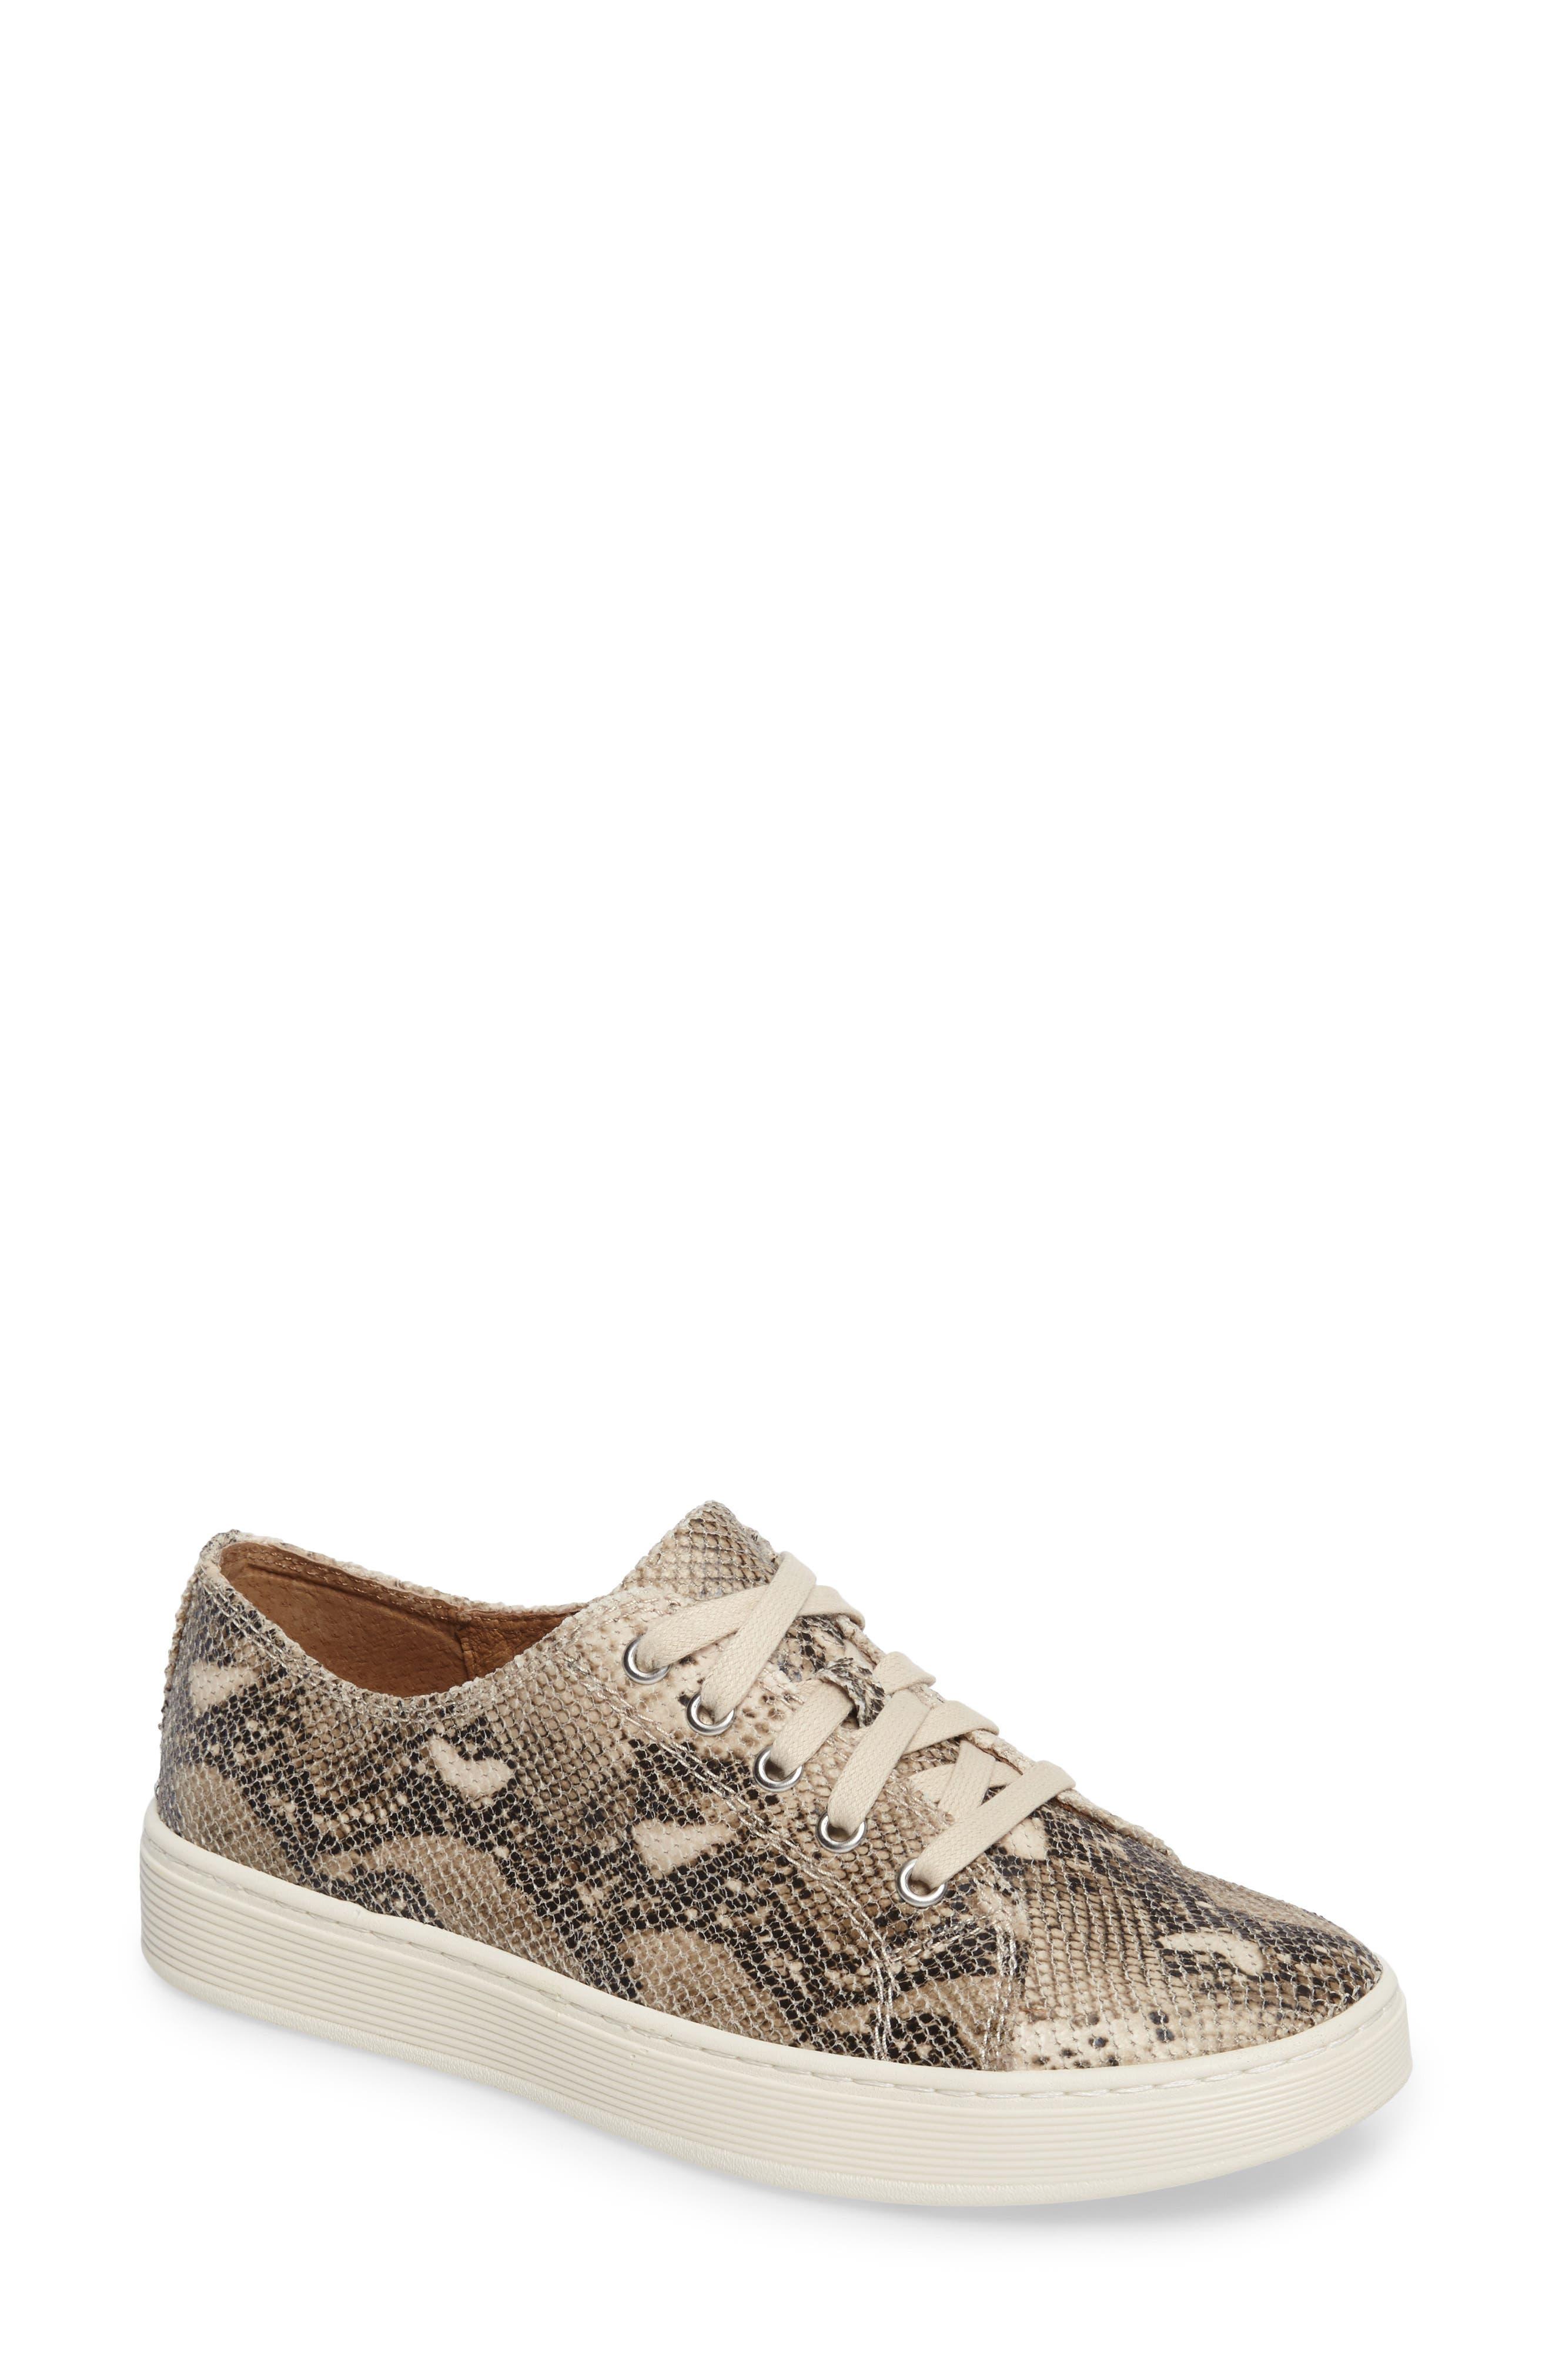 Baltazar Sneaker,                         Main,                         color, 005